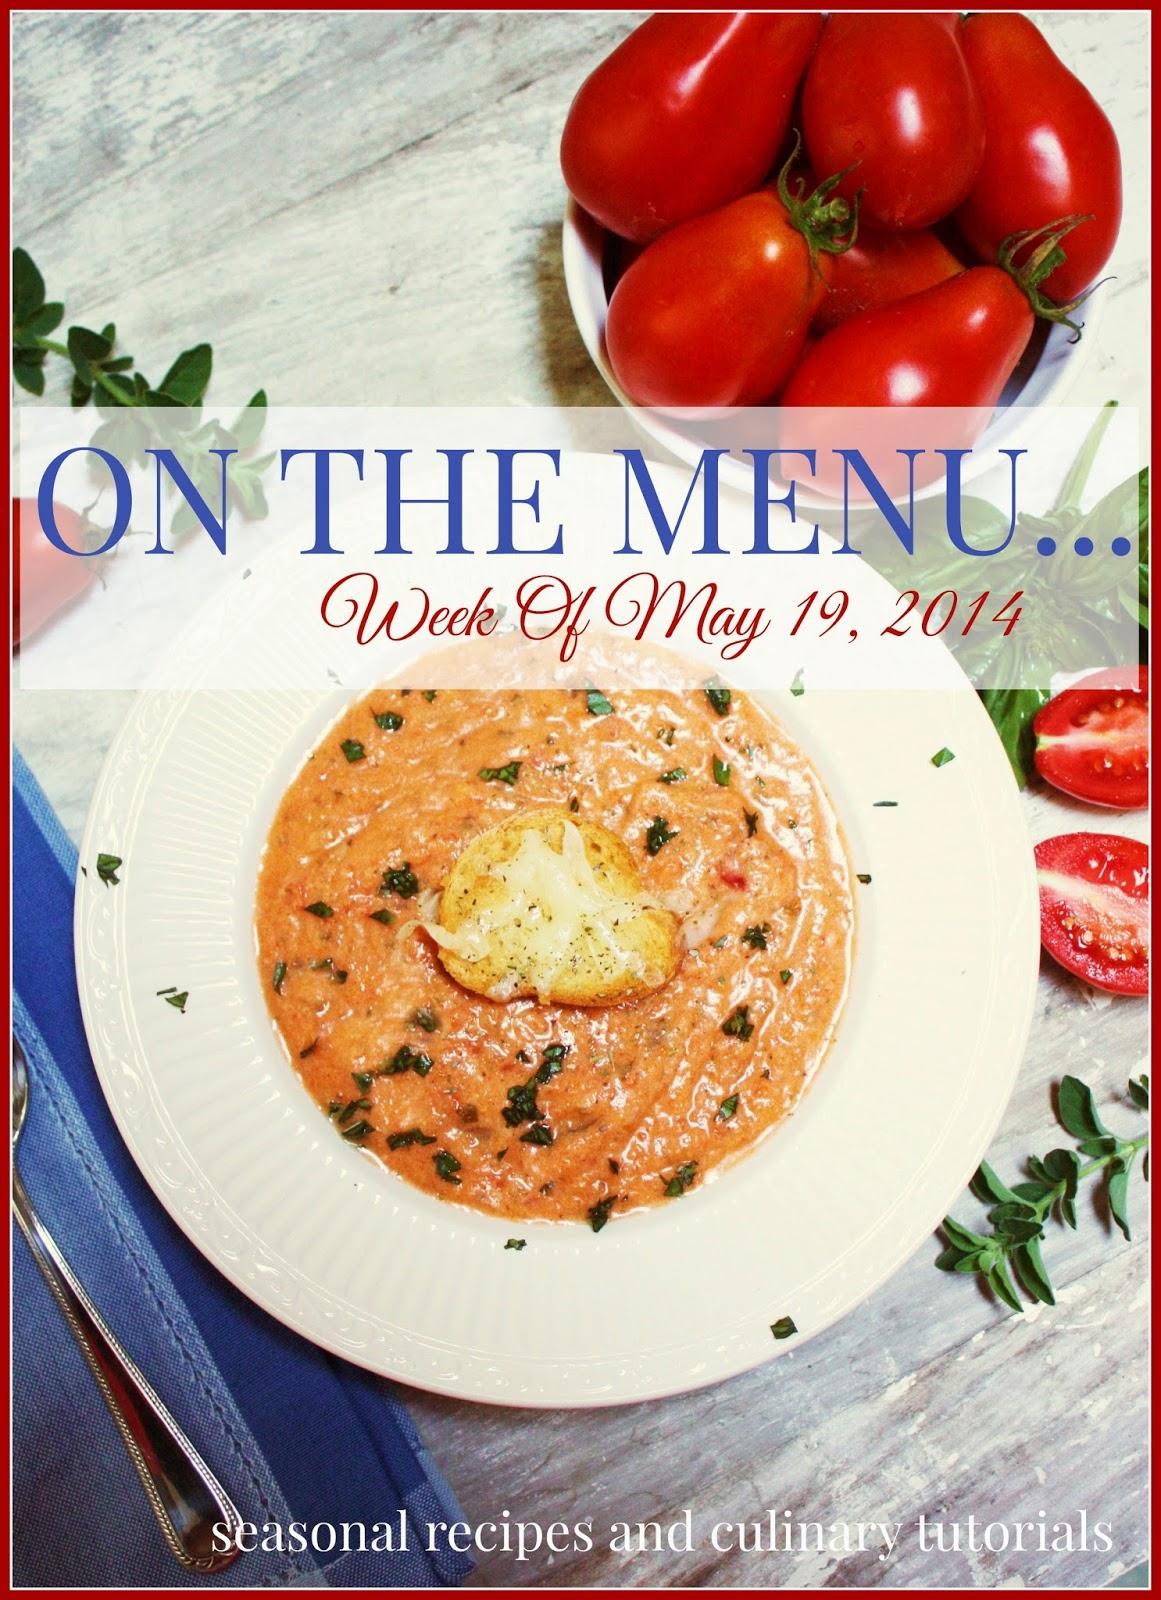 on the menu week of may 19, 2014